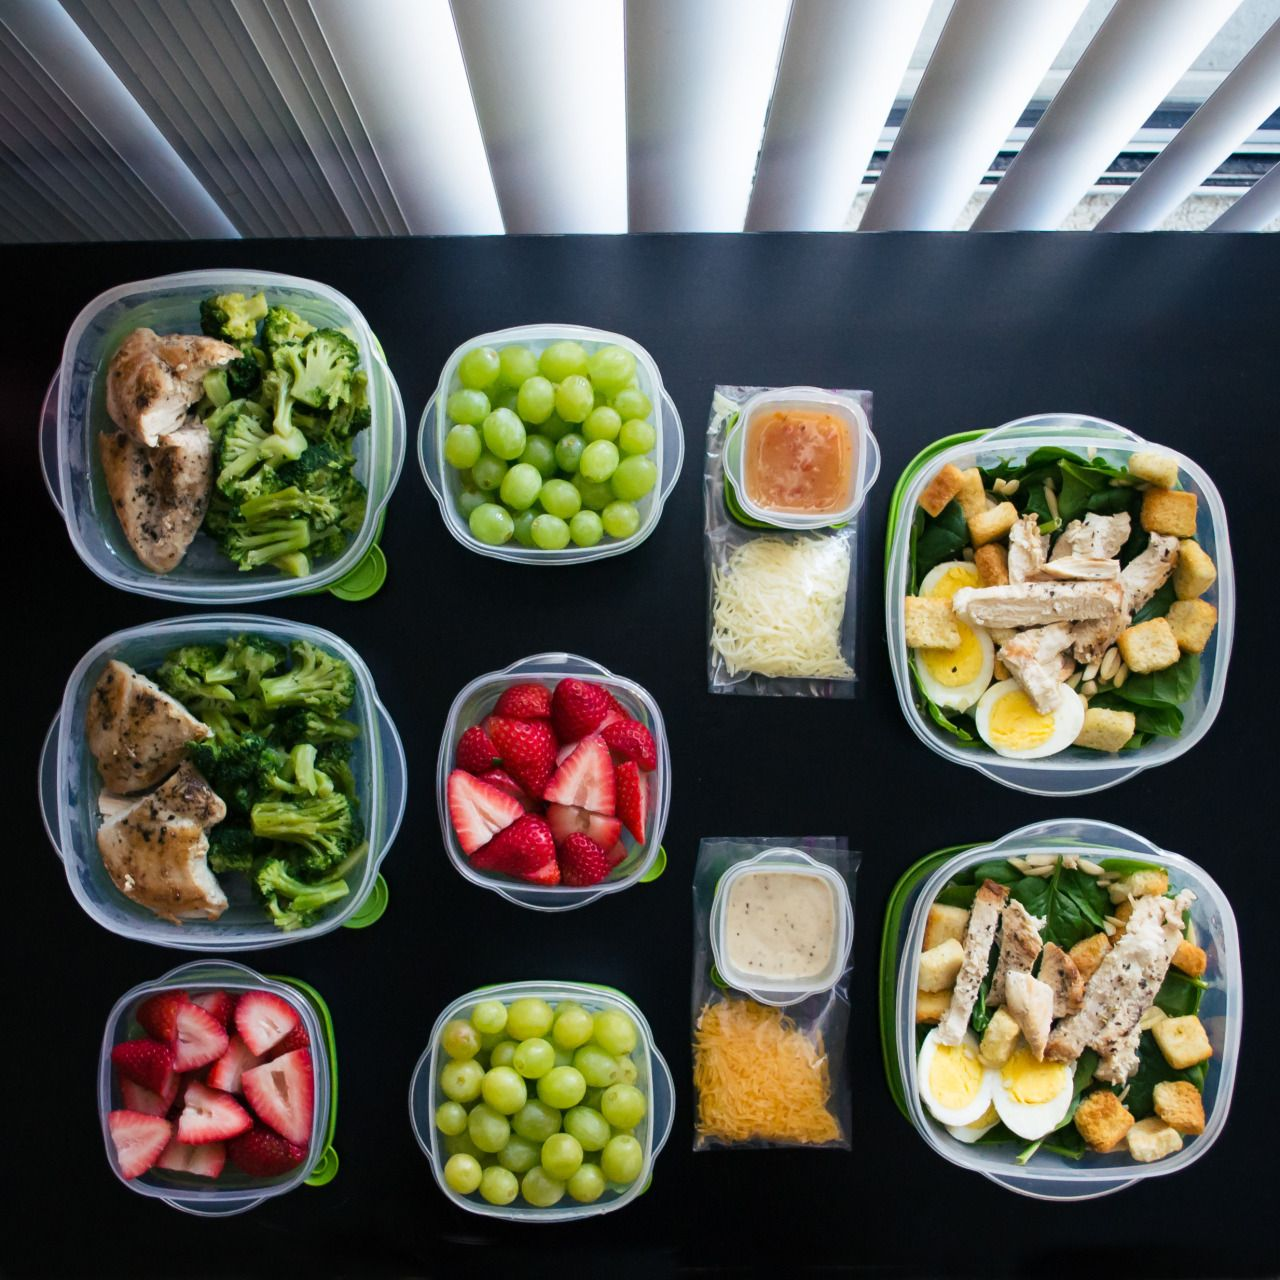 Хорошие Варианты Для Похудения. 10 лучших эффективных диет для быстрого похудения: как похудеть в домашних условиях